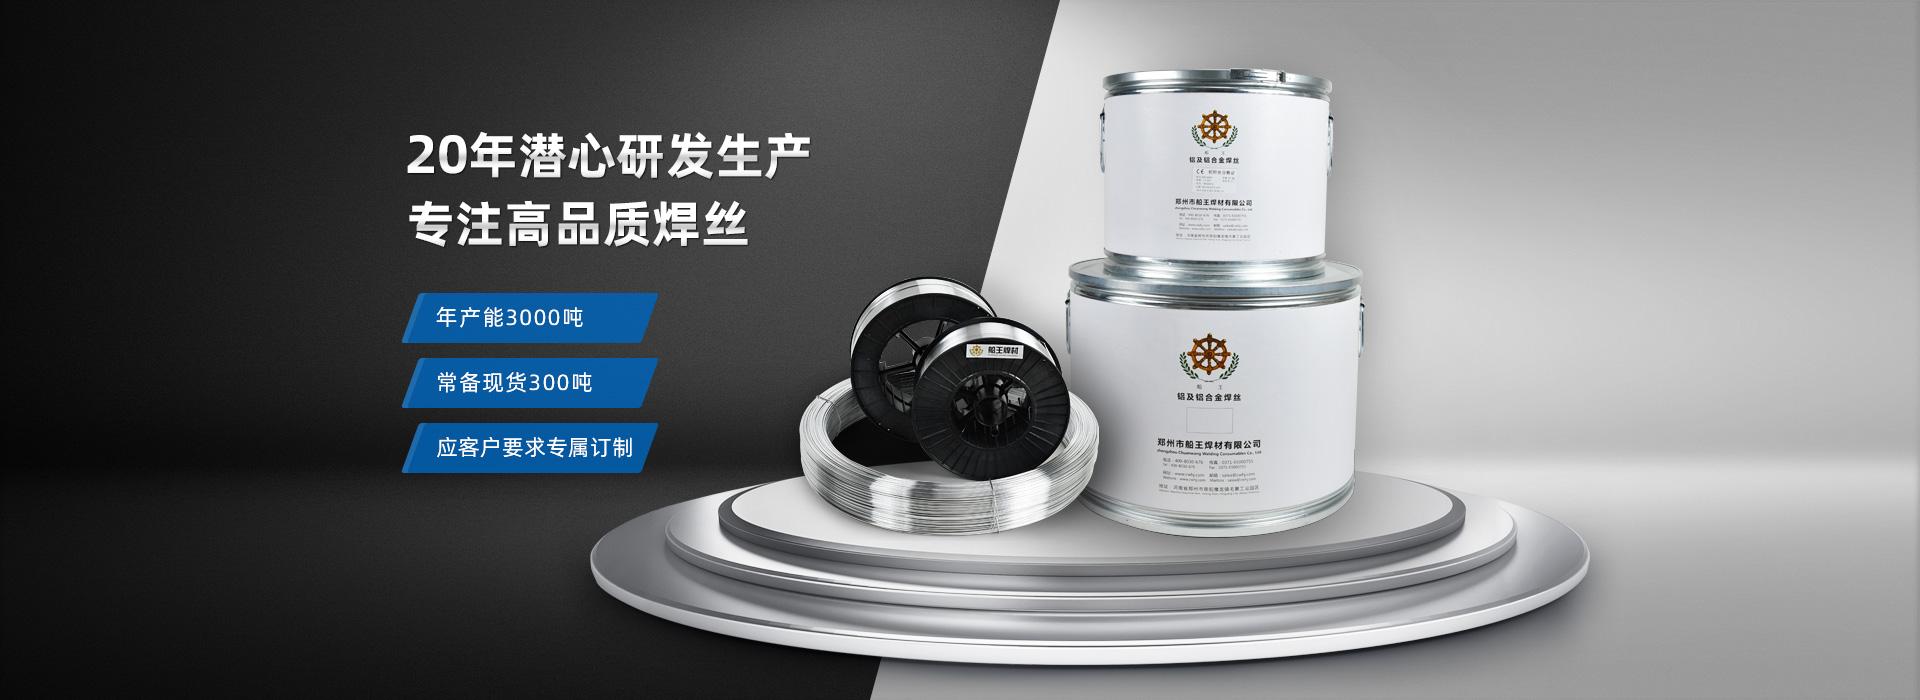 船王焊材,20年潜心研发生产,专注高品质焊丝